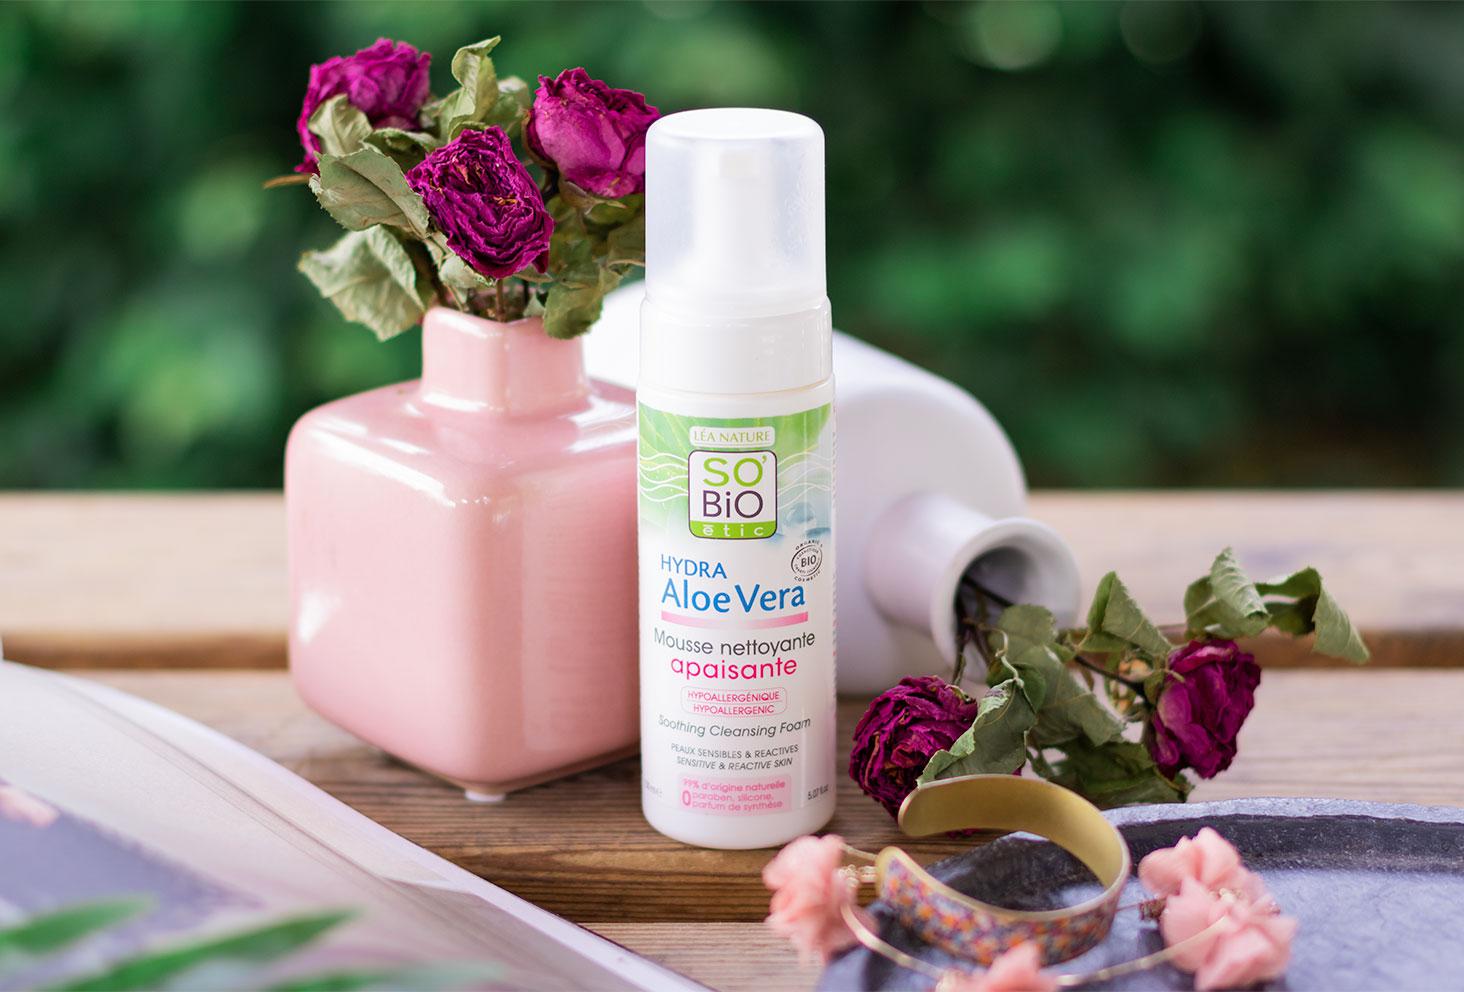 La mousse nettoyante apaisante SO'BiO étic sur une table en bois, debout devant des vases remplis de fleurs séchées violettes